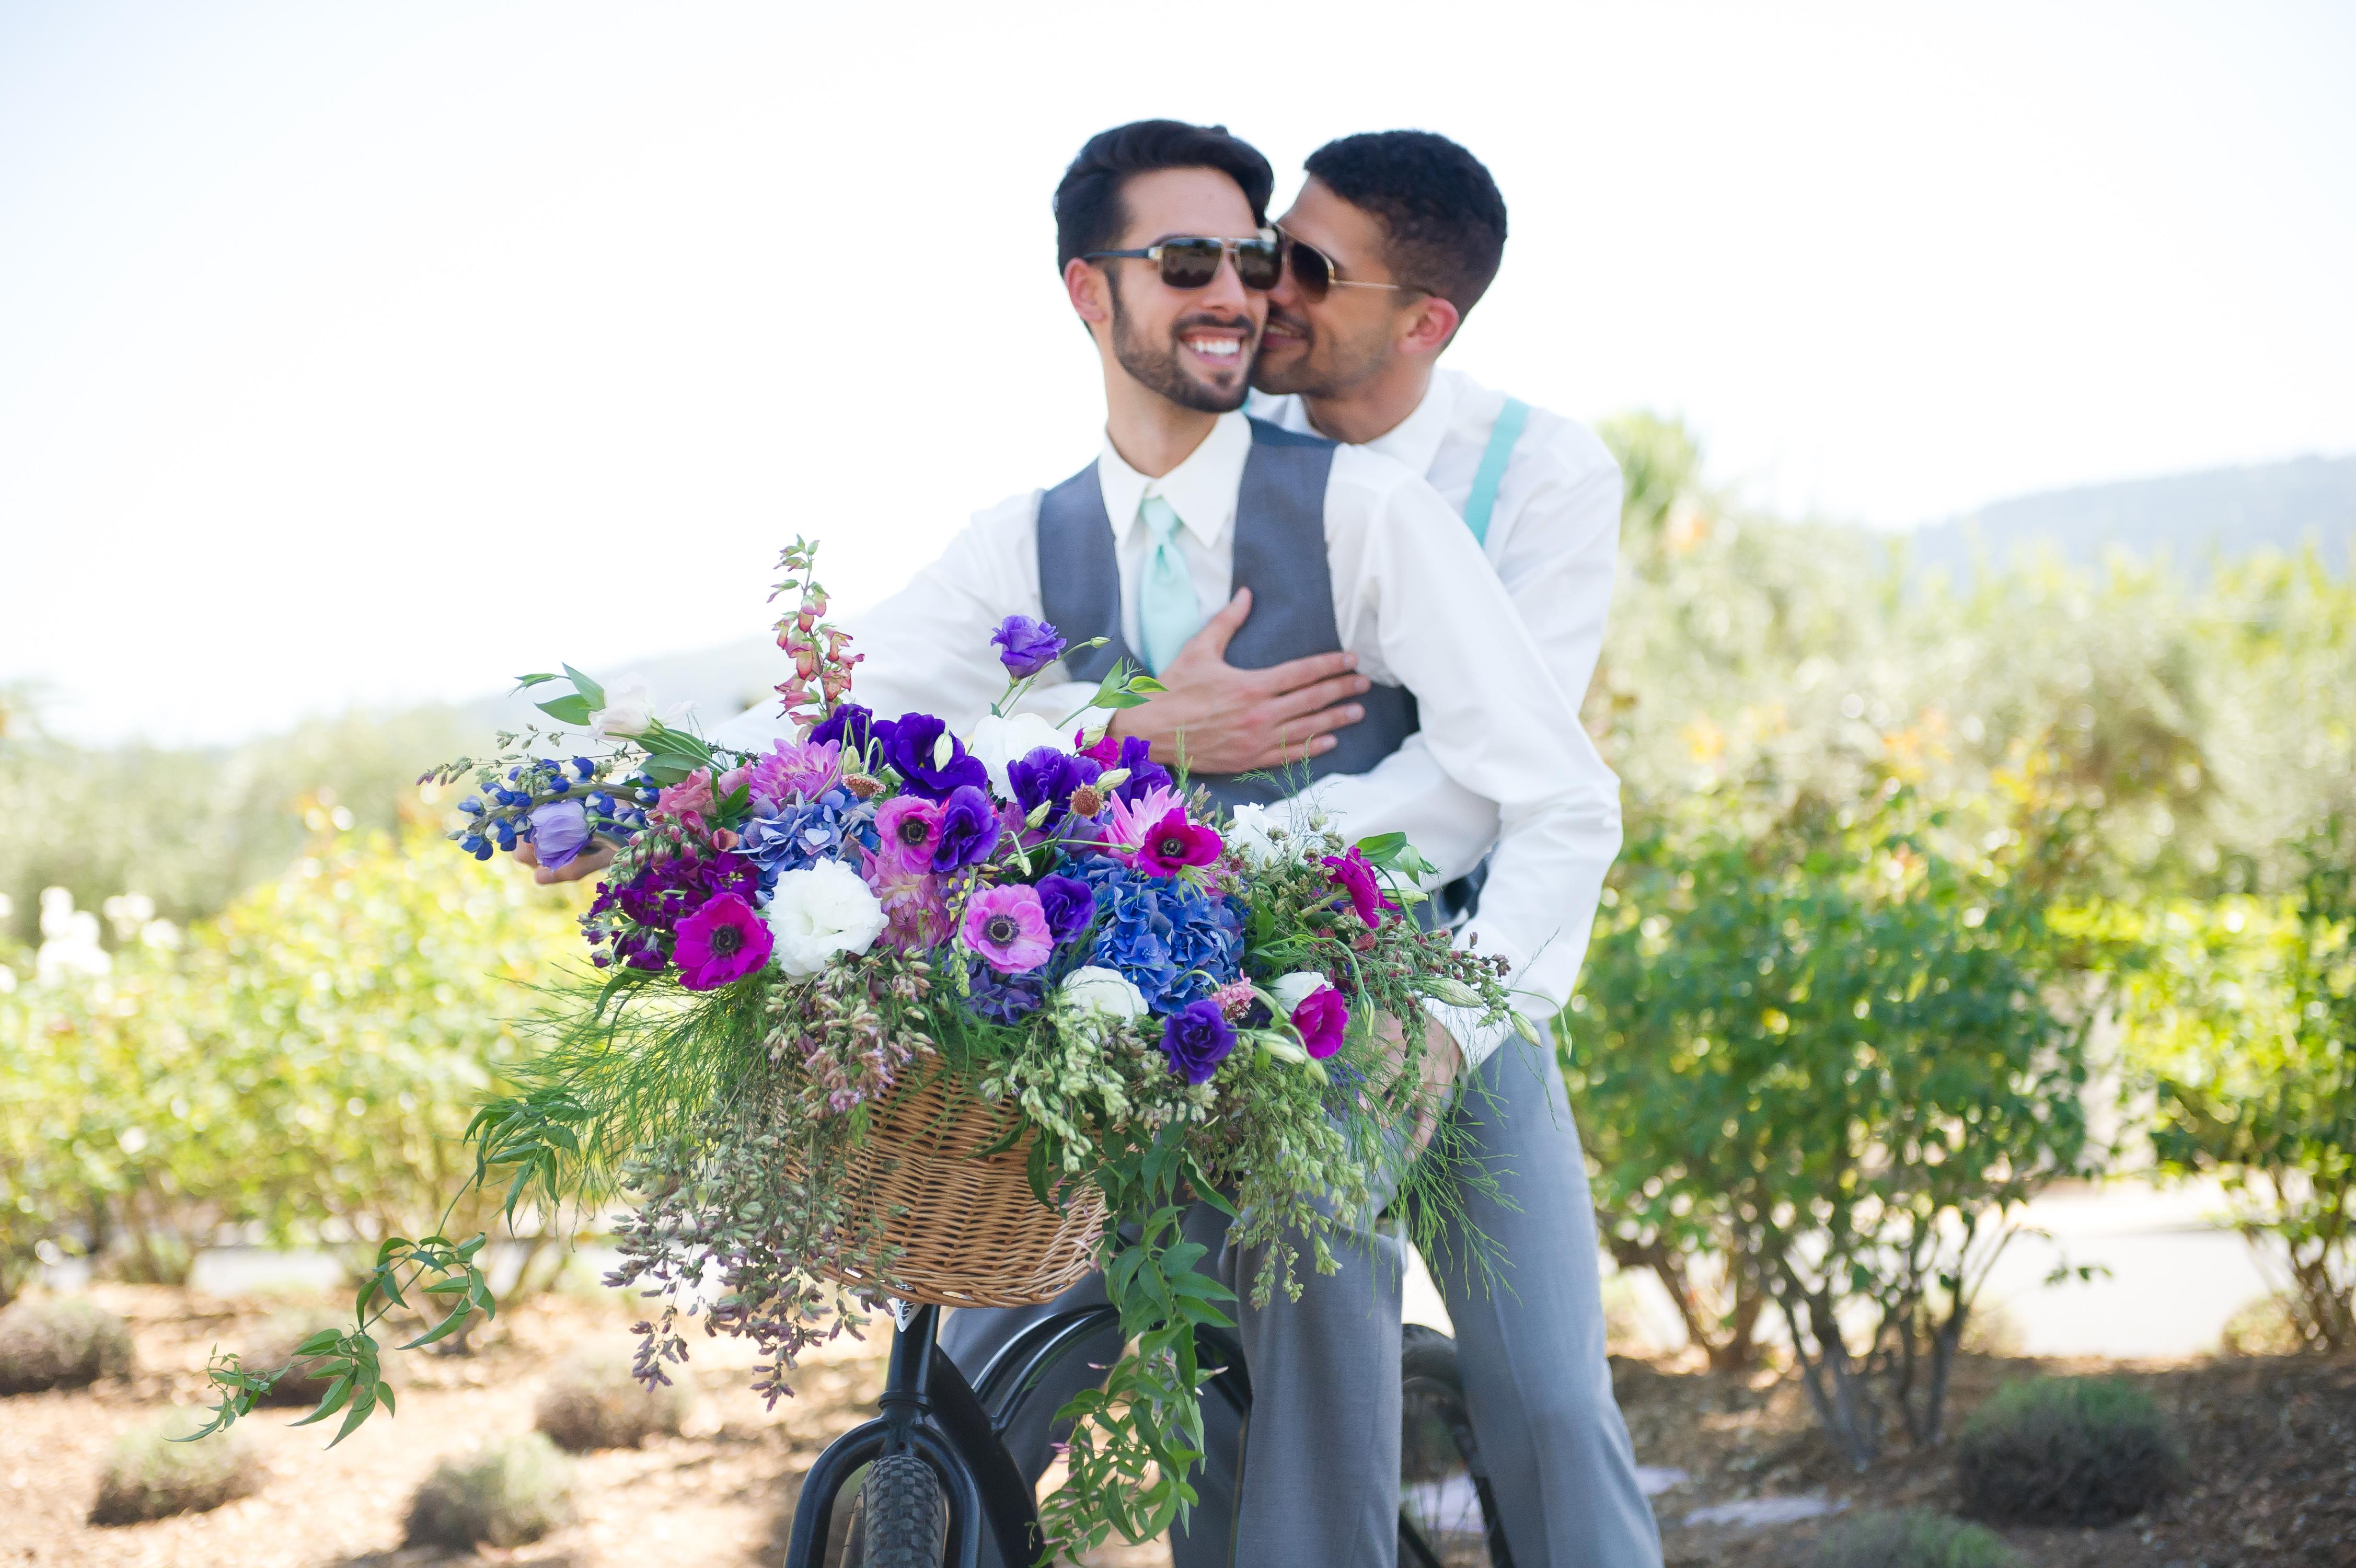 Malta'da Eşcinsel Evlilik Yapmak Bu Hafta Sonundan İtibaren Yasal!